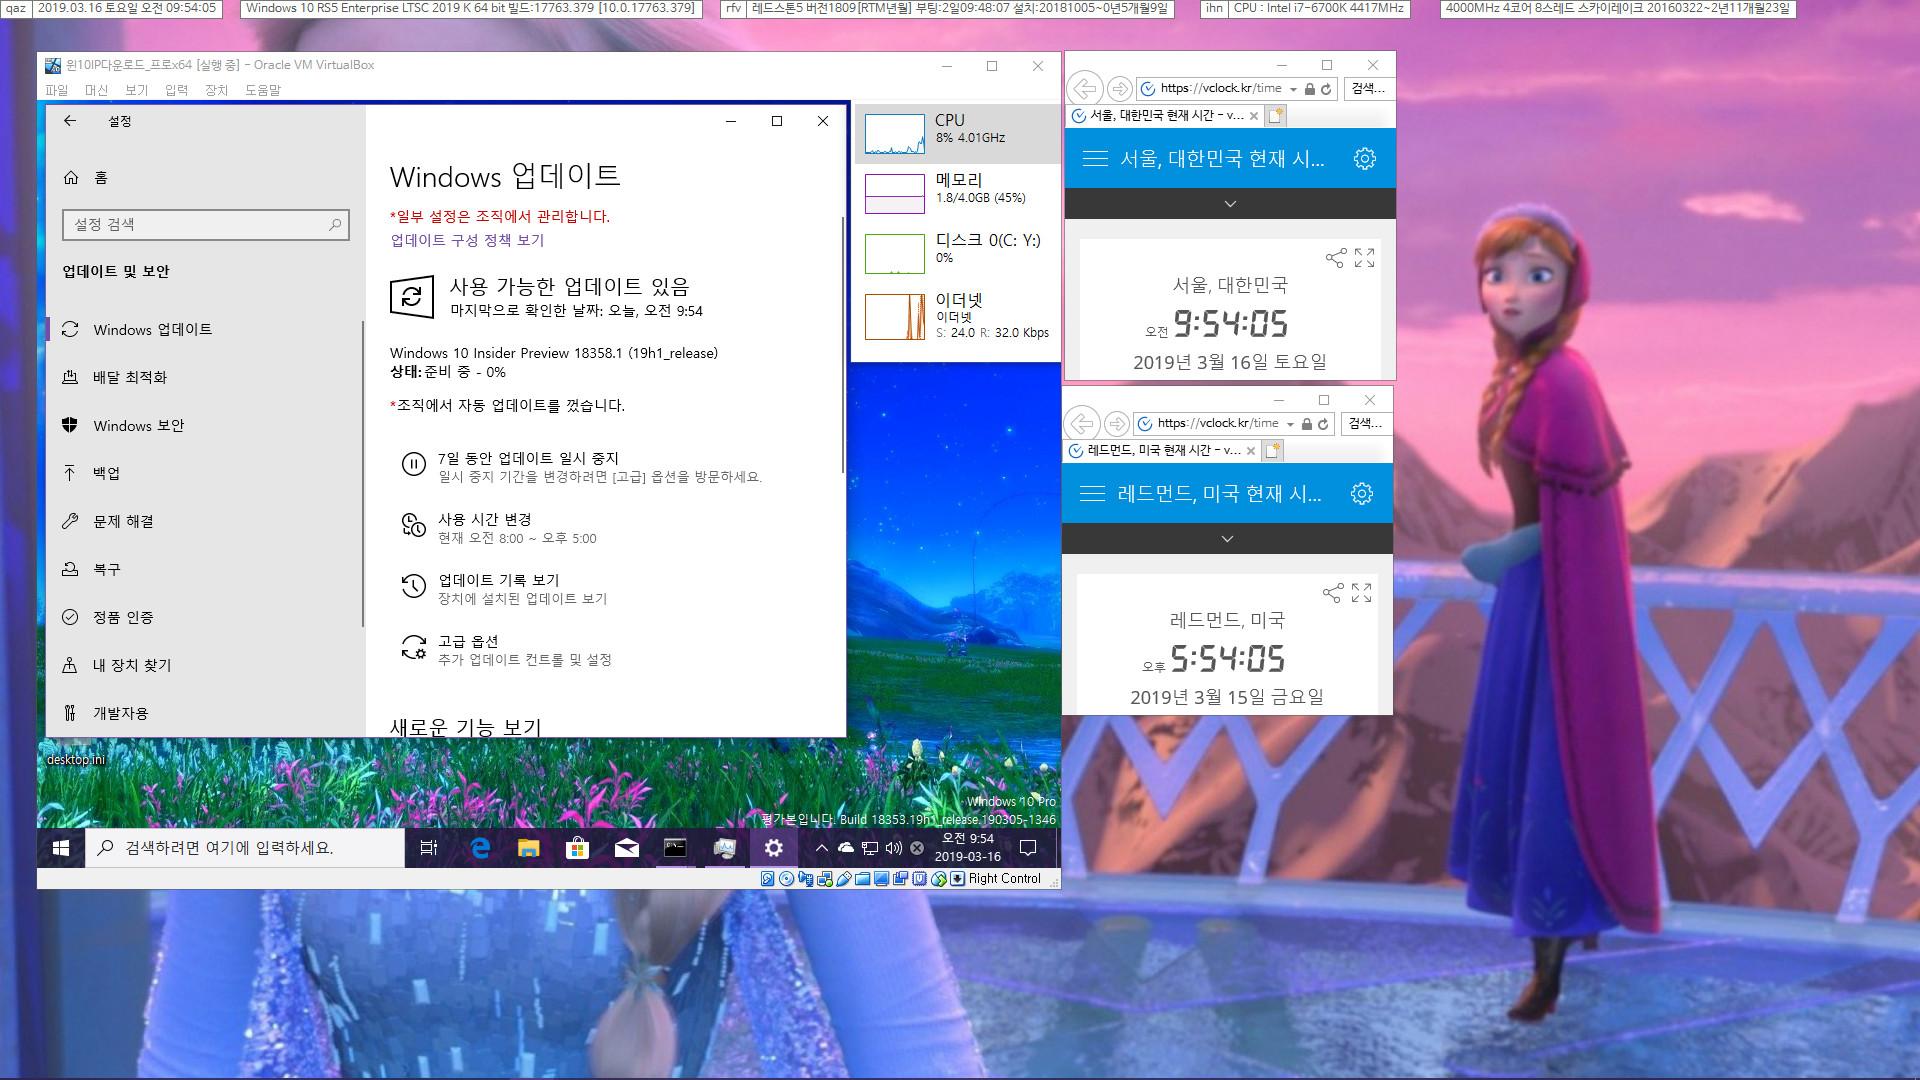 윈도10 19H1 인사이더 프리뷰 18358.1 빌드 나왔네요 2019-03-16_095405.jpg